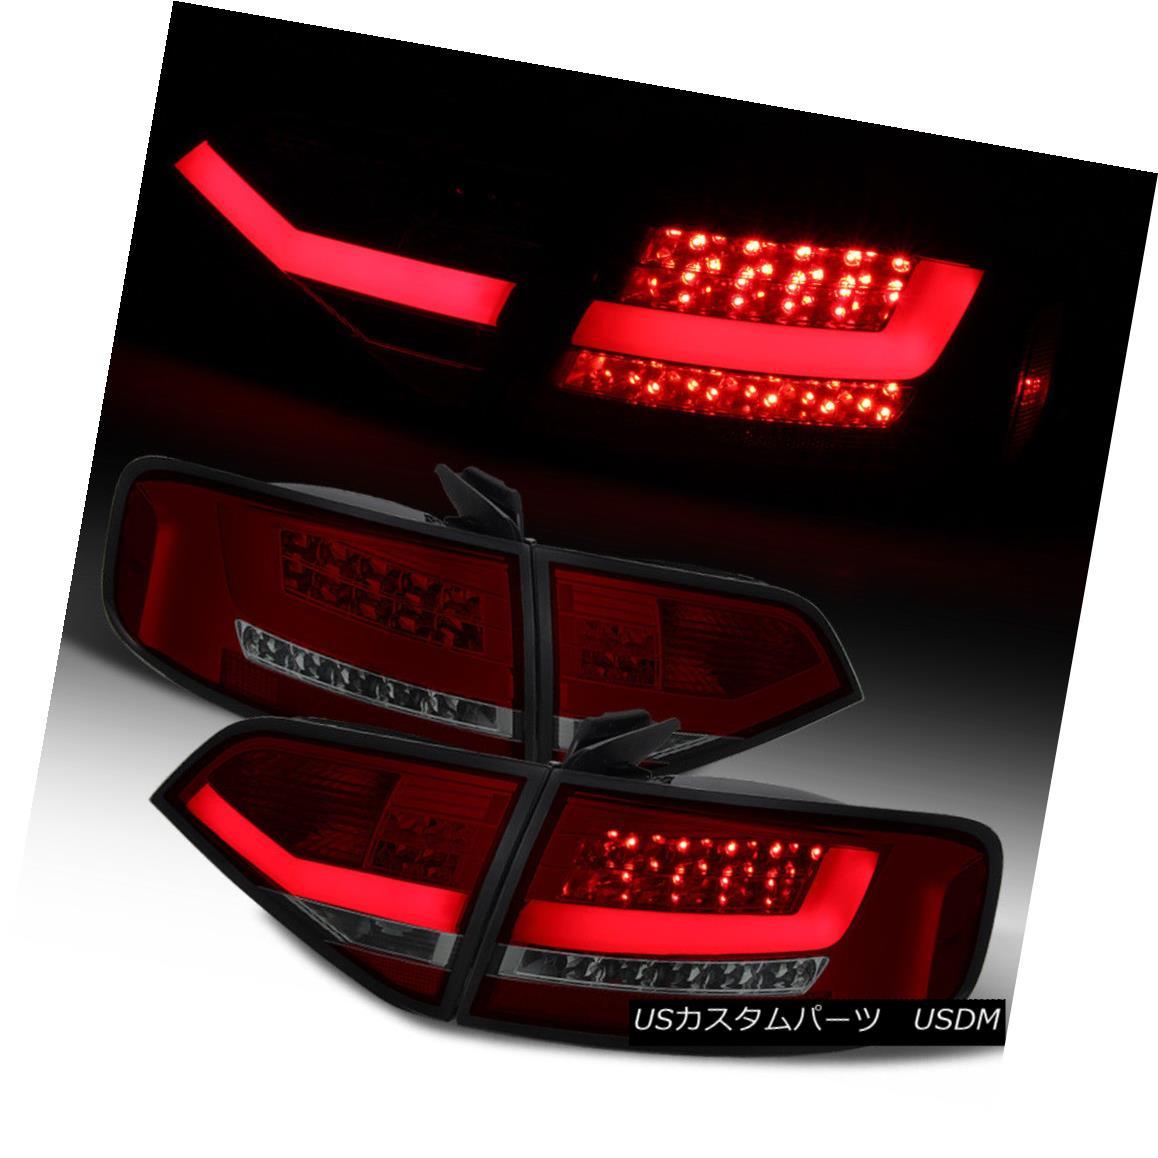 テールライト 2009-2012 Audi A4 S4 B8 Sedan Lumileds LED Red Smoke Tail Lights Brake Lamps Set 2009-2012 Audi A4 S4 B8セダンルミレッズLEDレッド煙テールライトブレーキランプセット